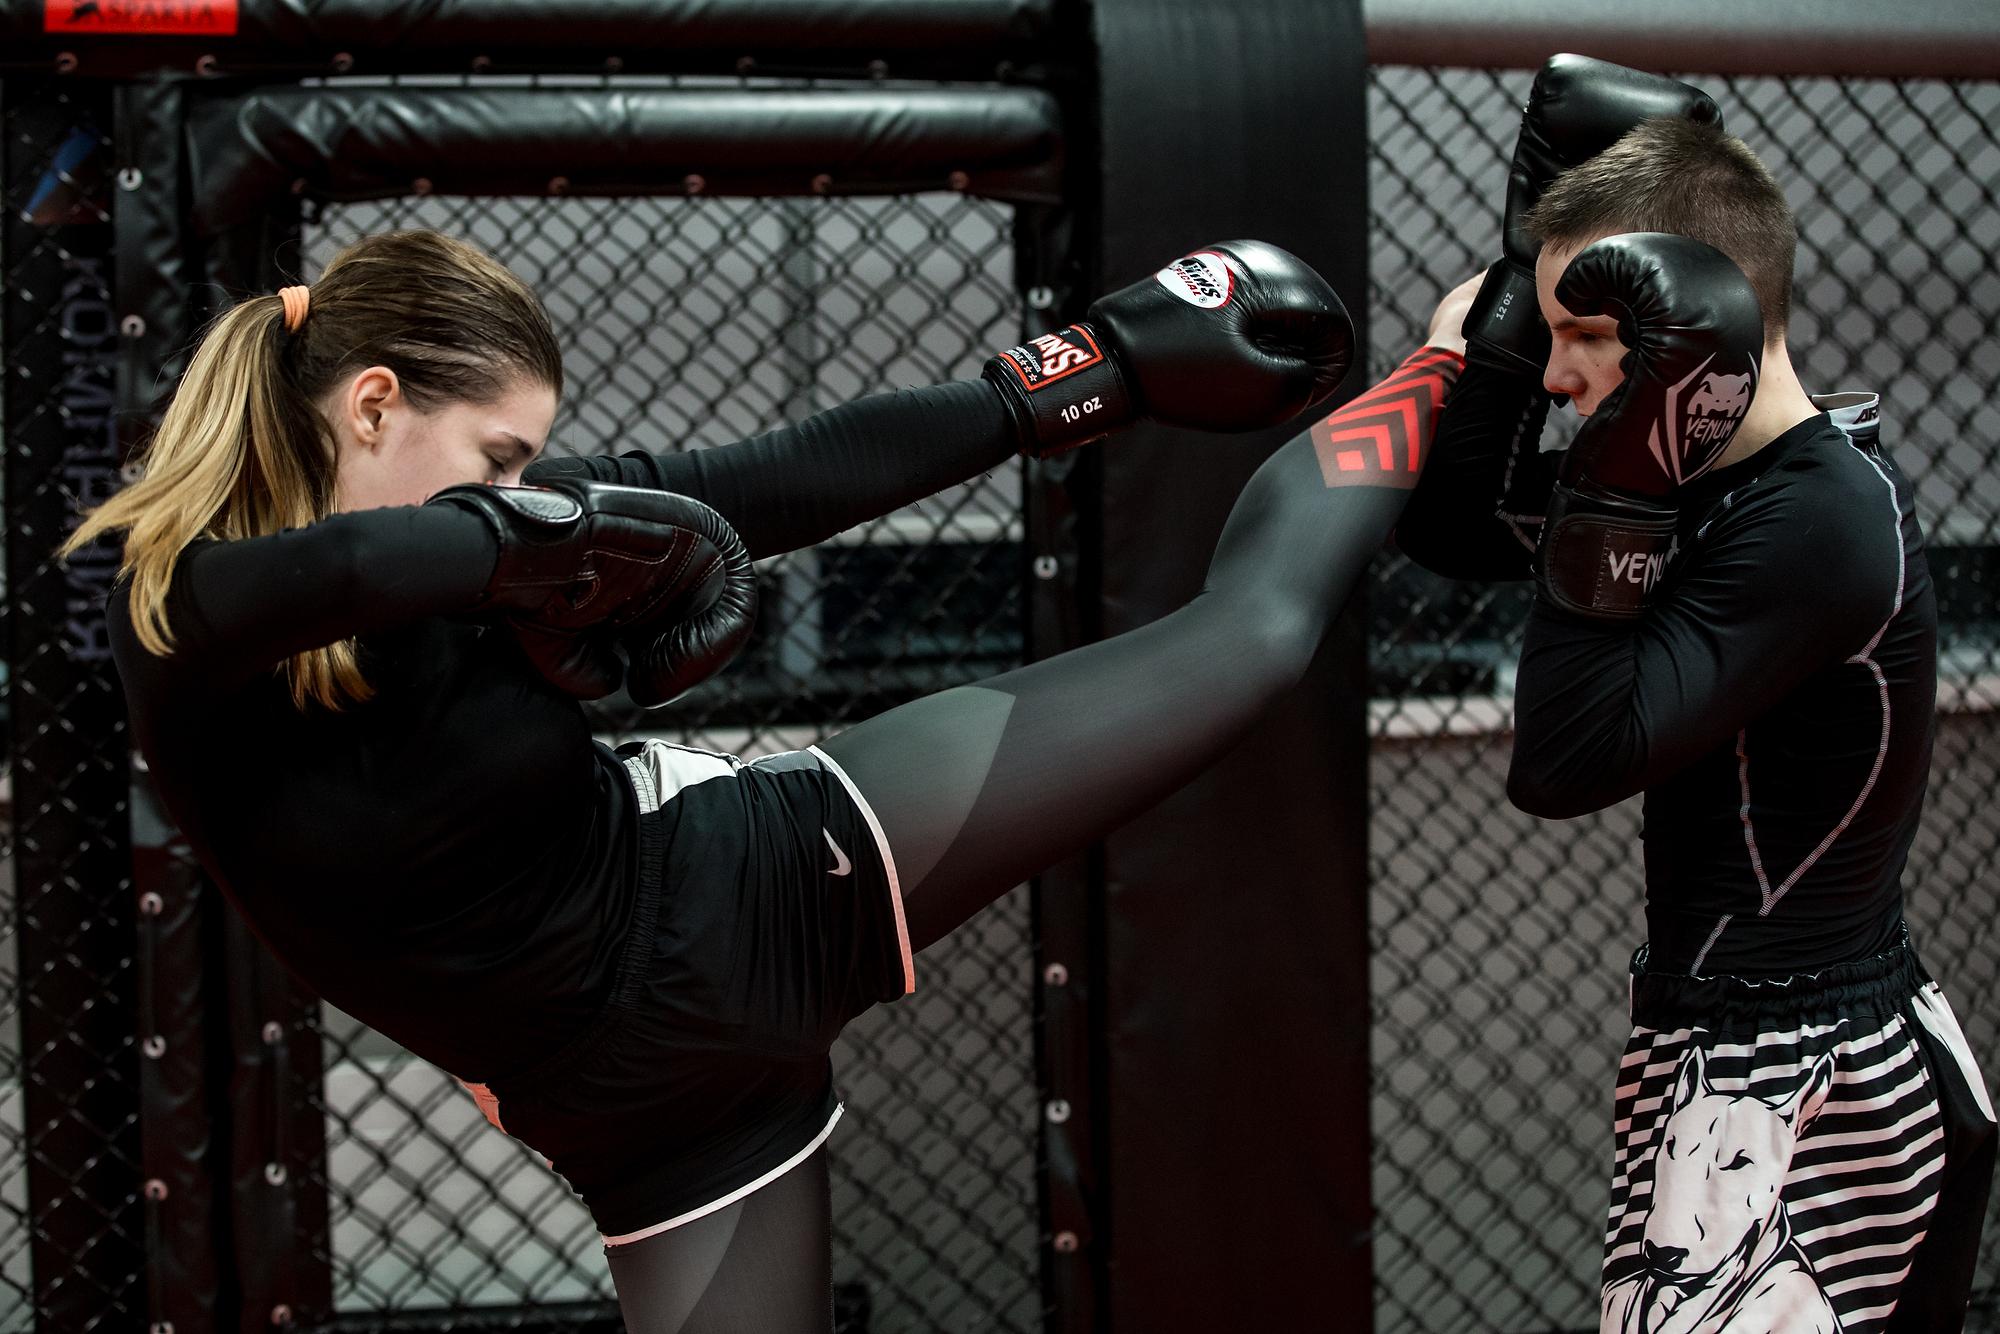 «Я всегда хотела в смешанные единоборства, но решила, что надо наработать базу ударной техники, и два года назад я пришла в тайский бокс и кикбоксинг. Два месяца назад я решилась перейти в ММА. Я хочу выступать на соревнованиях, хочу развивать женские ММА и верю, что у женского чемпионата хорошее будущее», — рассказала Марина